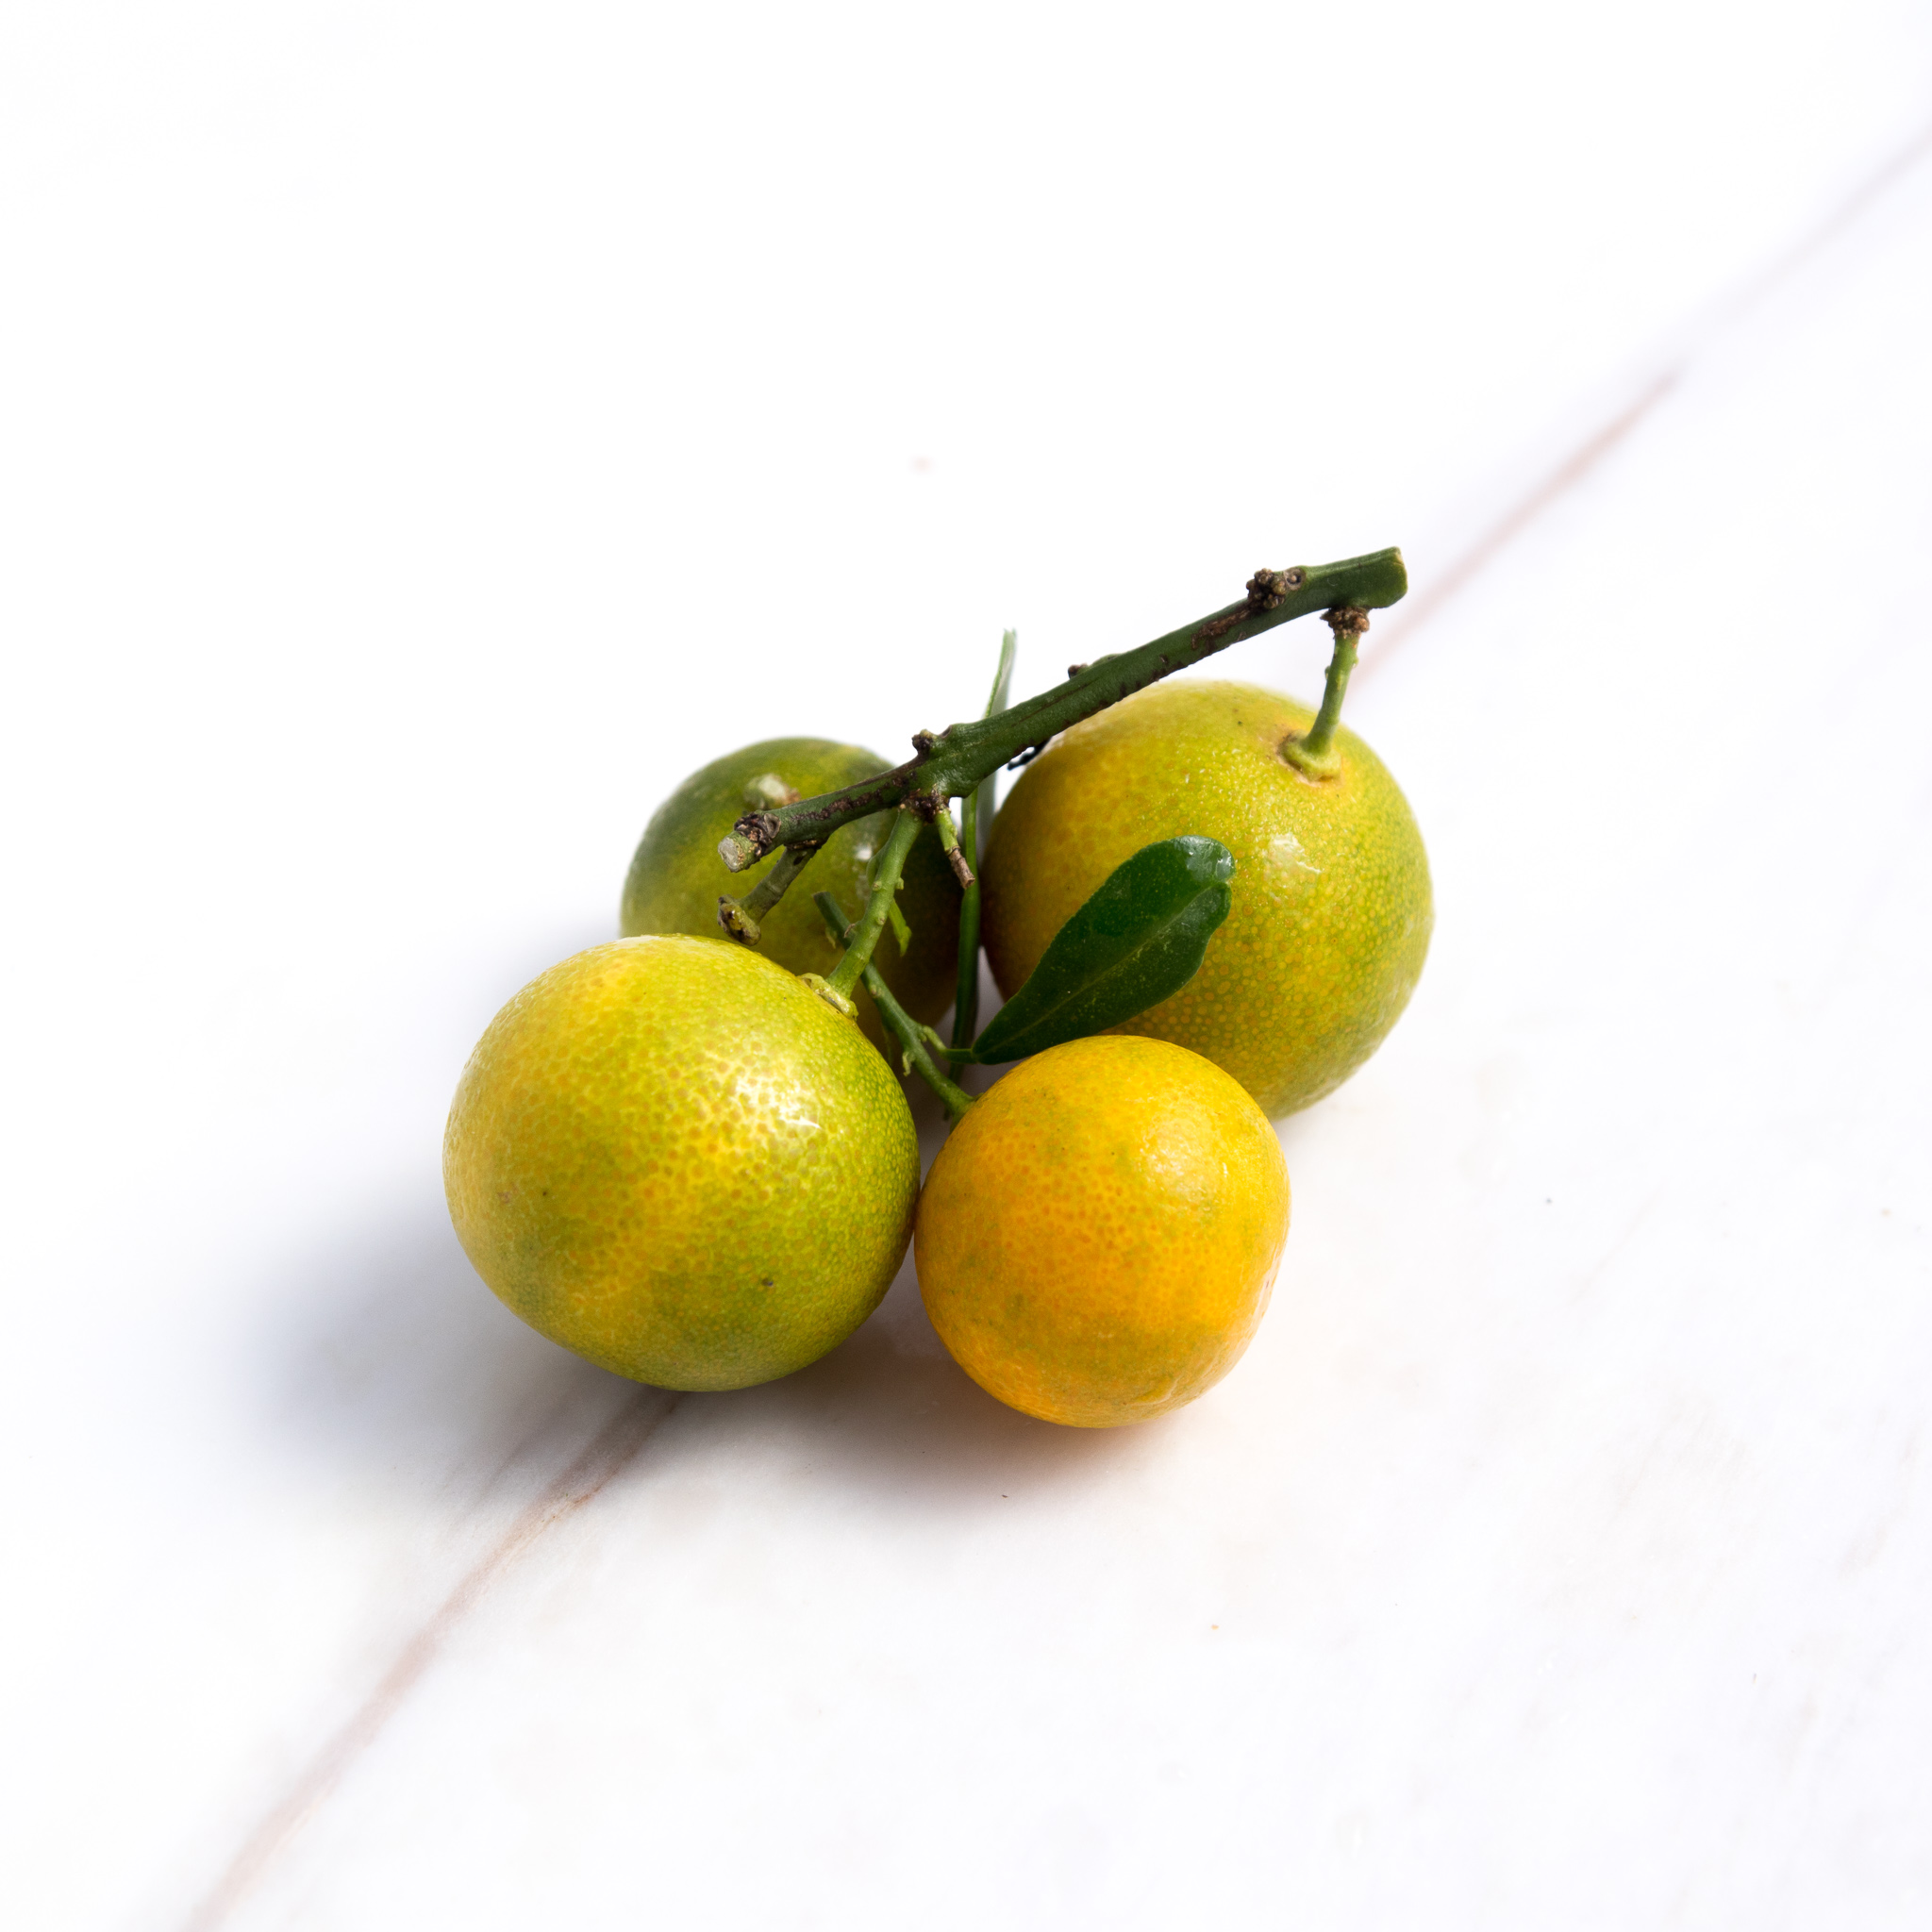 Kumquat (ส้มจี๋ด)